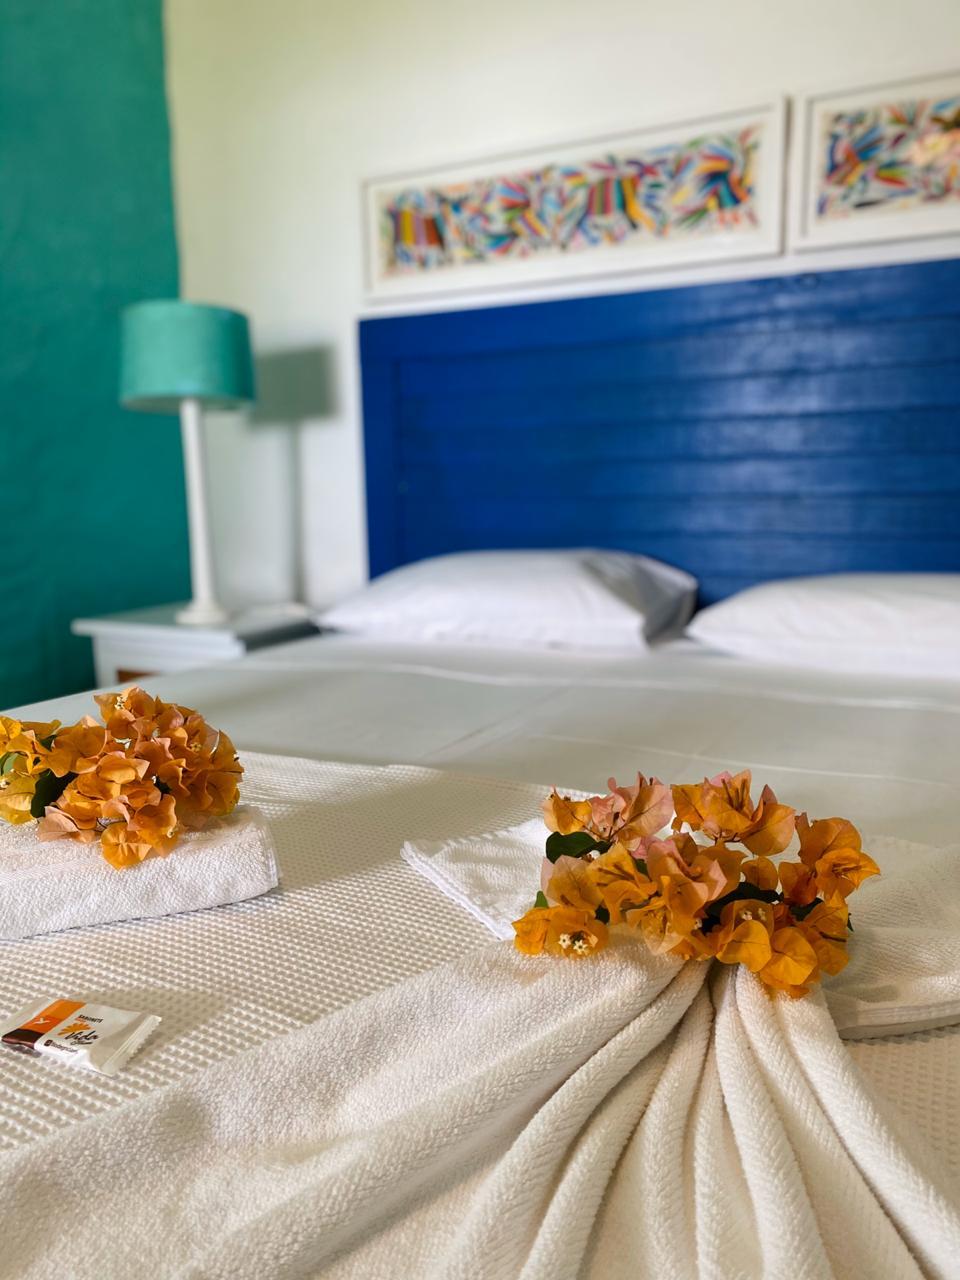 2 Diárias em Suíte Inferior Vista Mar (ar condicionado, chuveiro elétrico e frigobar) + Café da manhã para 2 Adultos de R$500 por R$369,99